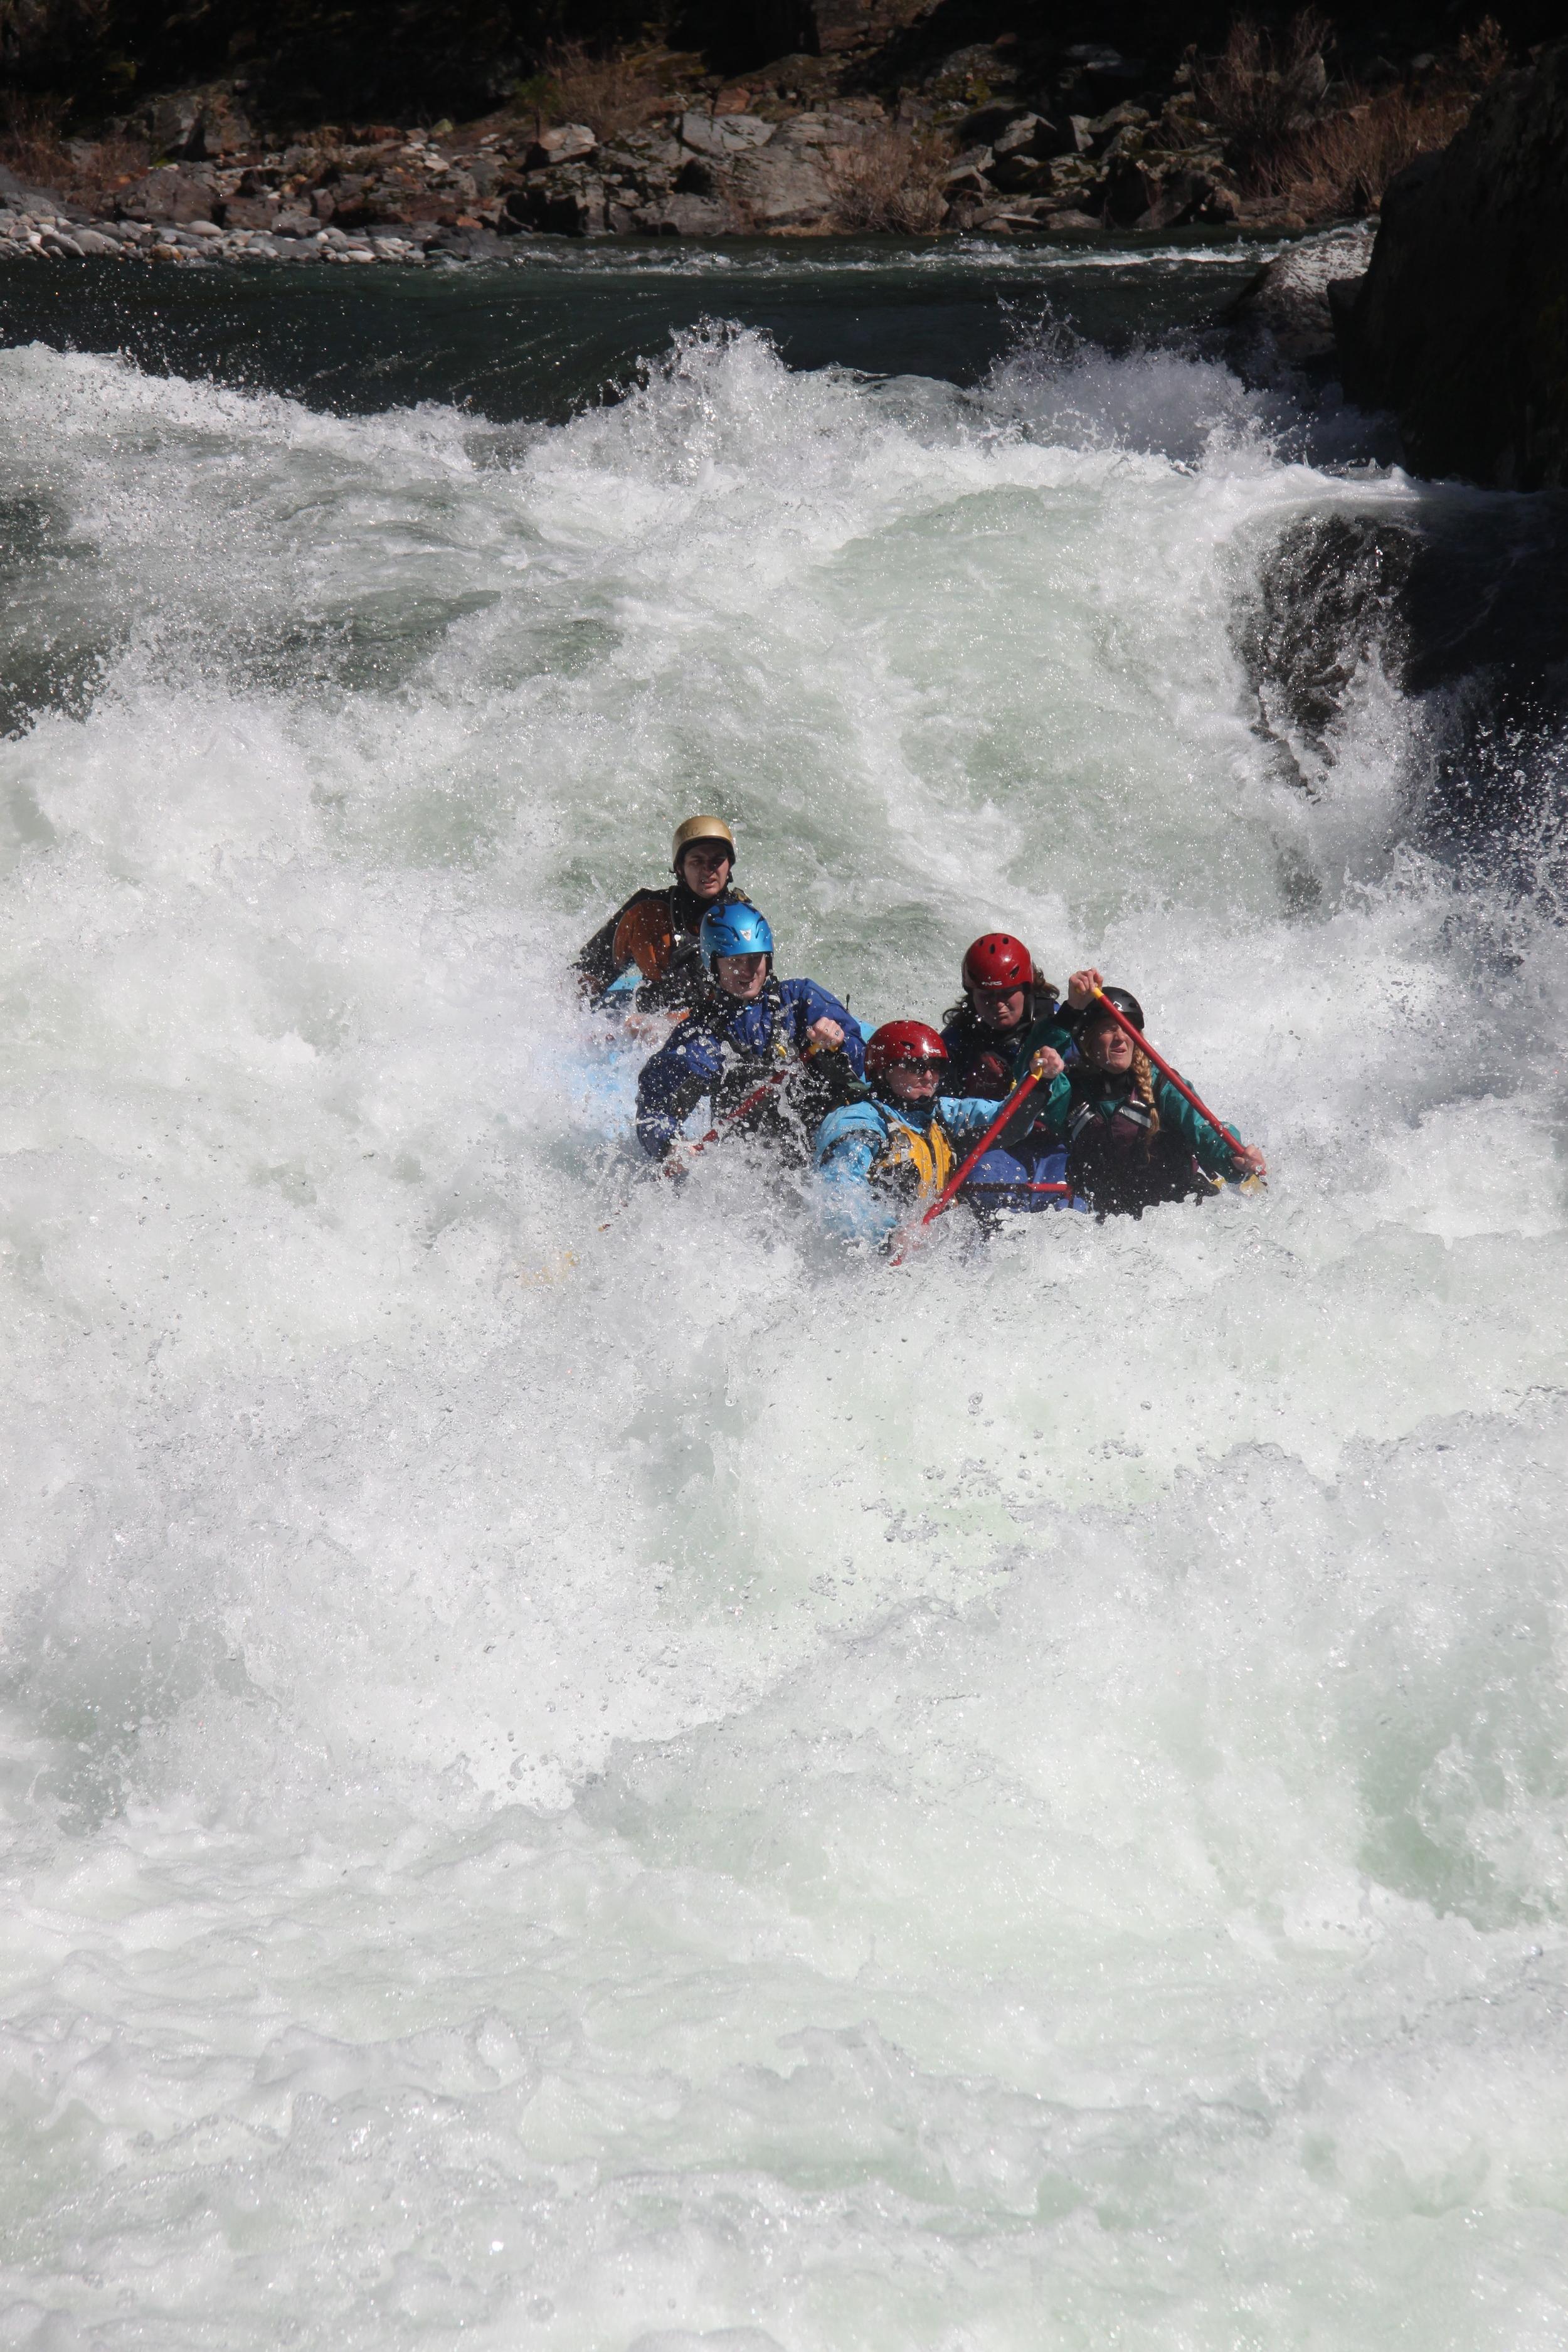 Maytag Rapid - North Fork Yuba